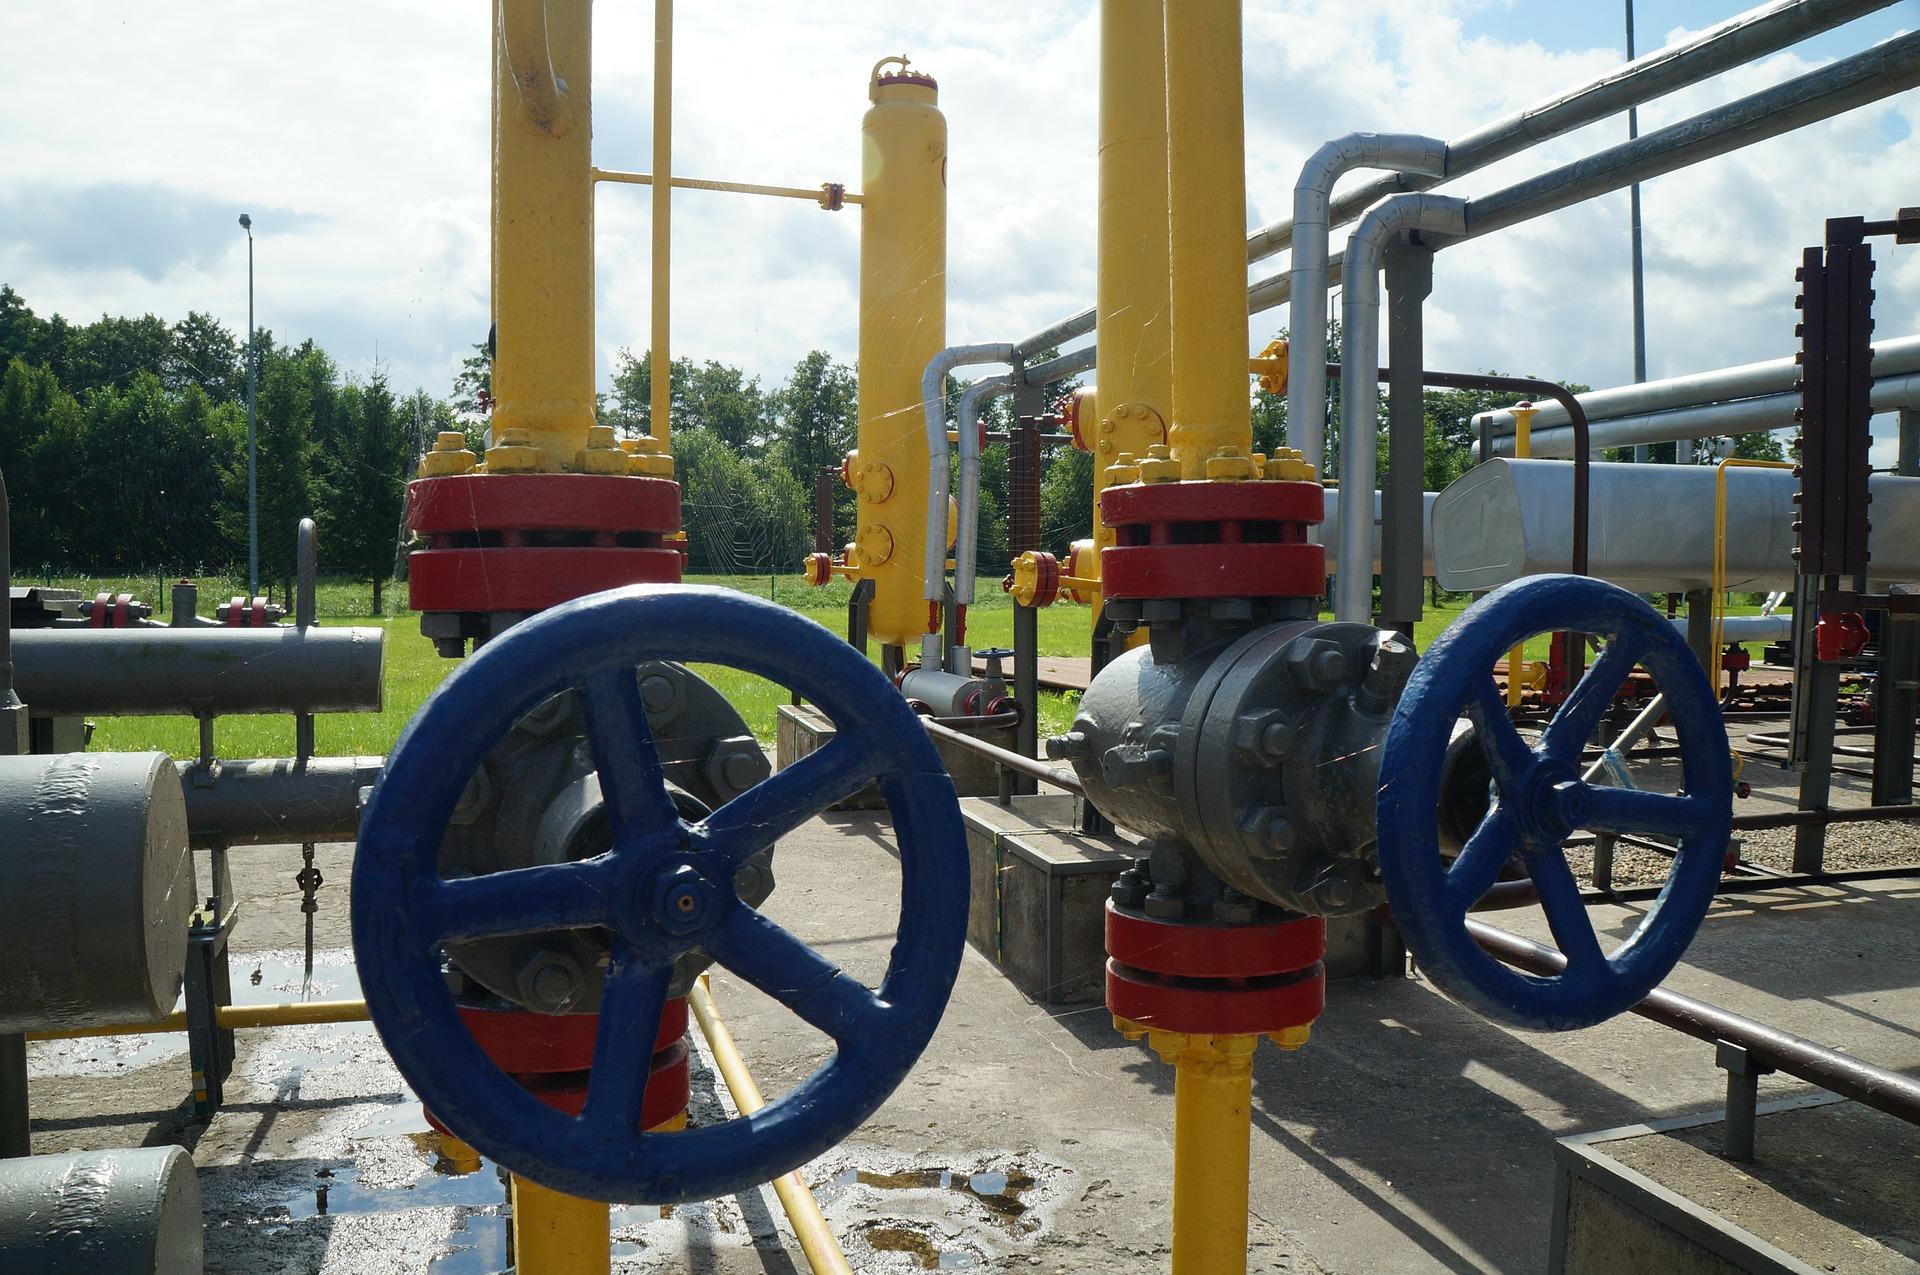 Tavaly júniushoz viszonyítva ötszörösére nőtt a földgáz ára